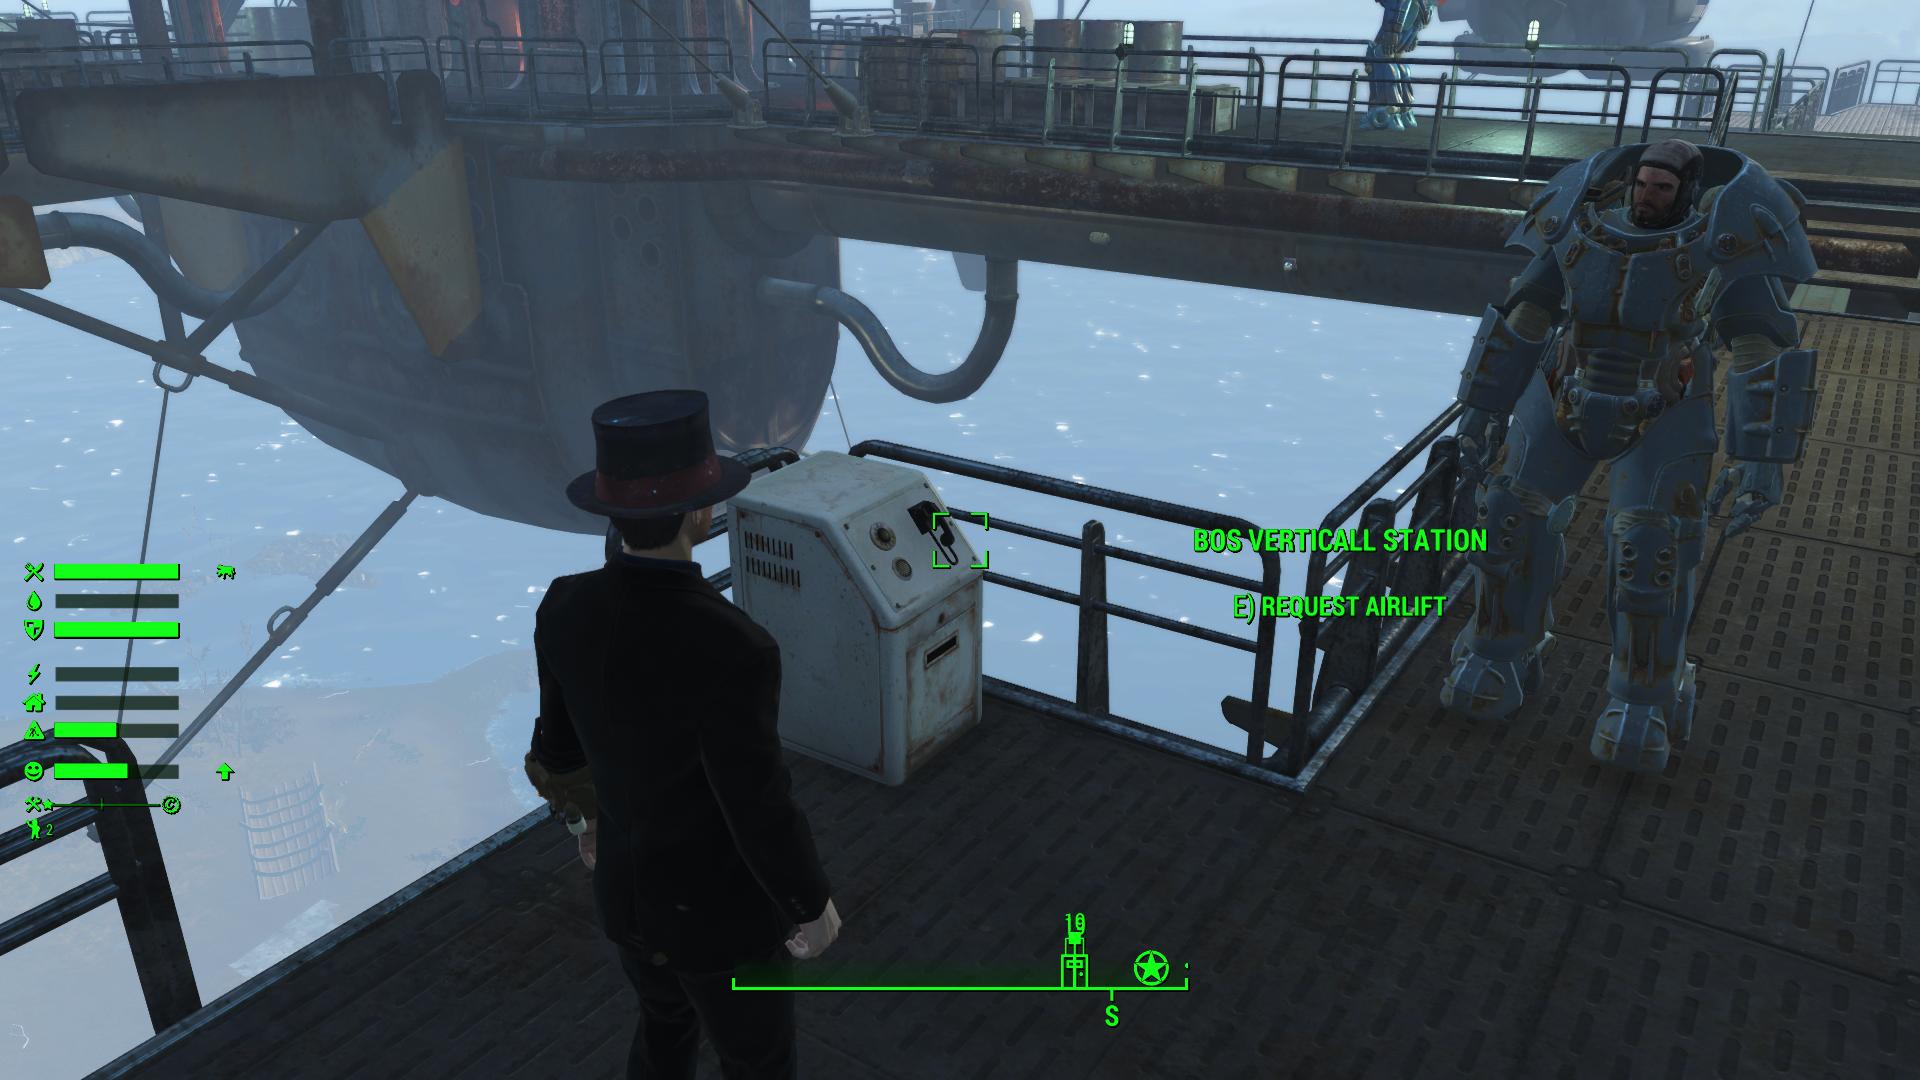 VertiCall - Prydwen Flight Deck Mod - Fallout 4 Mods